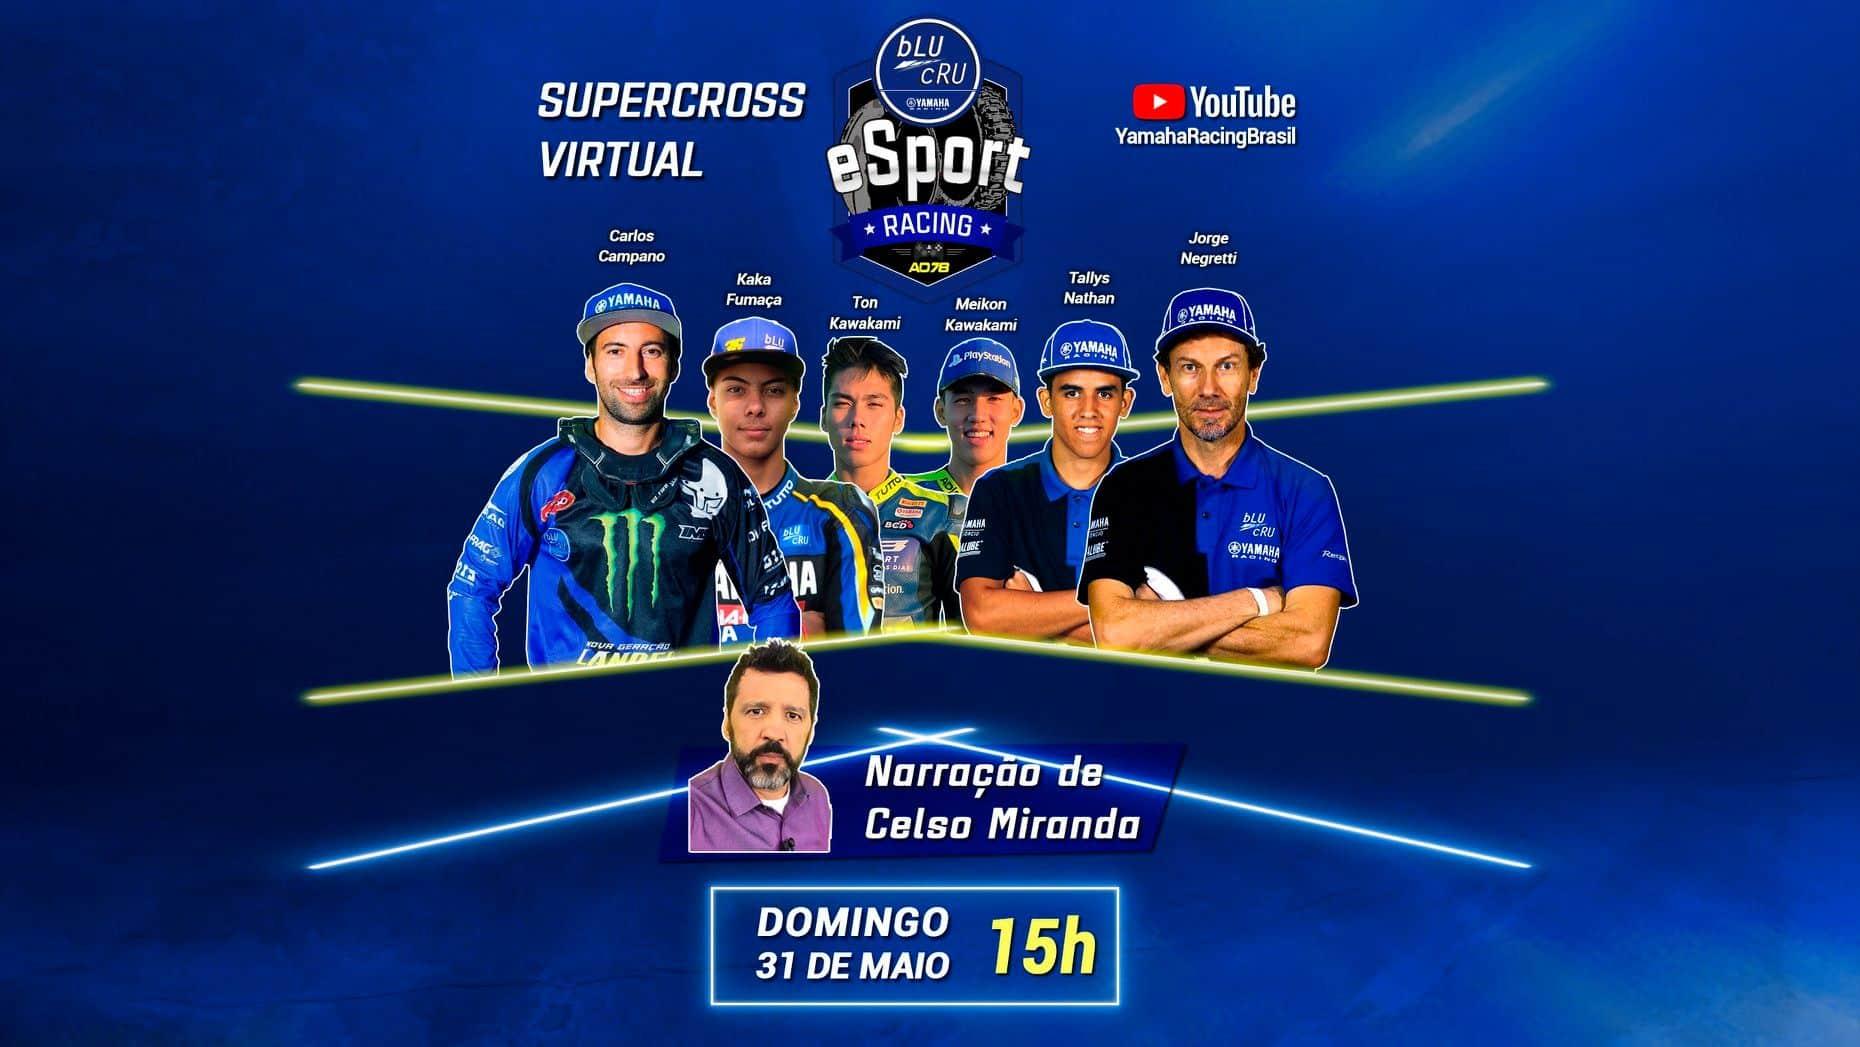 Uma corrida virtual com pilotos Yamaha vai aquecer a volta do AMA Supercross 2020! Assista aos pegas no YouTube a partir das 15h de domingo, dia 31!